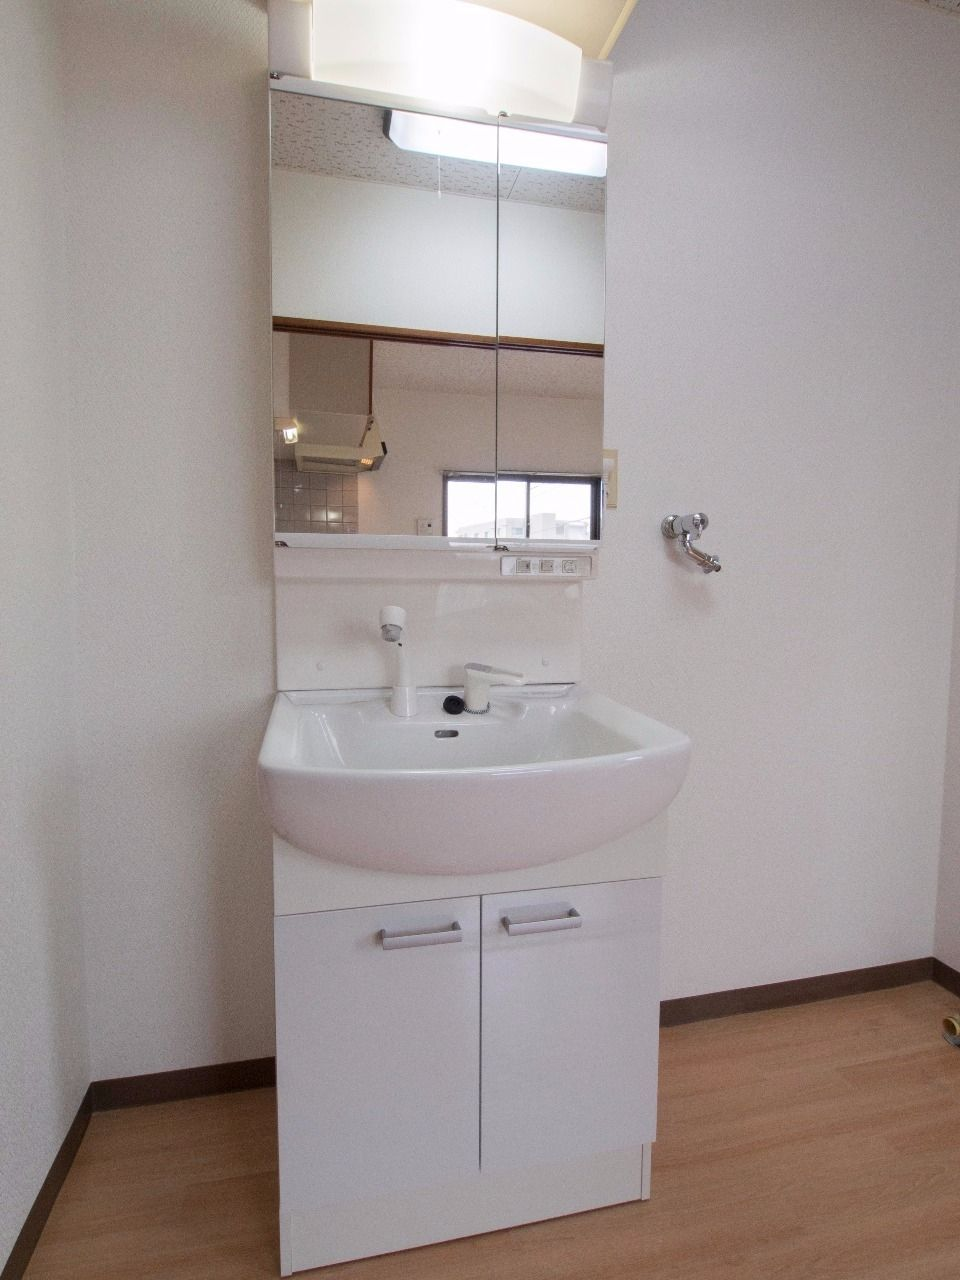 鏡裏収納のある洗面台